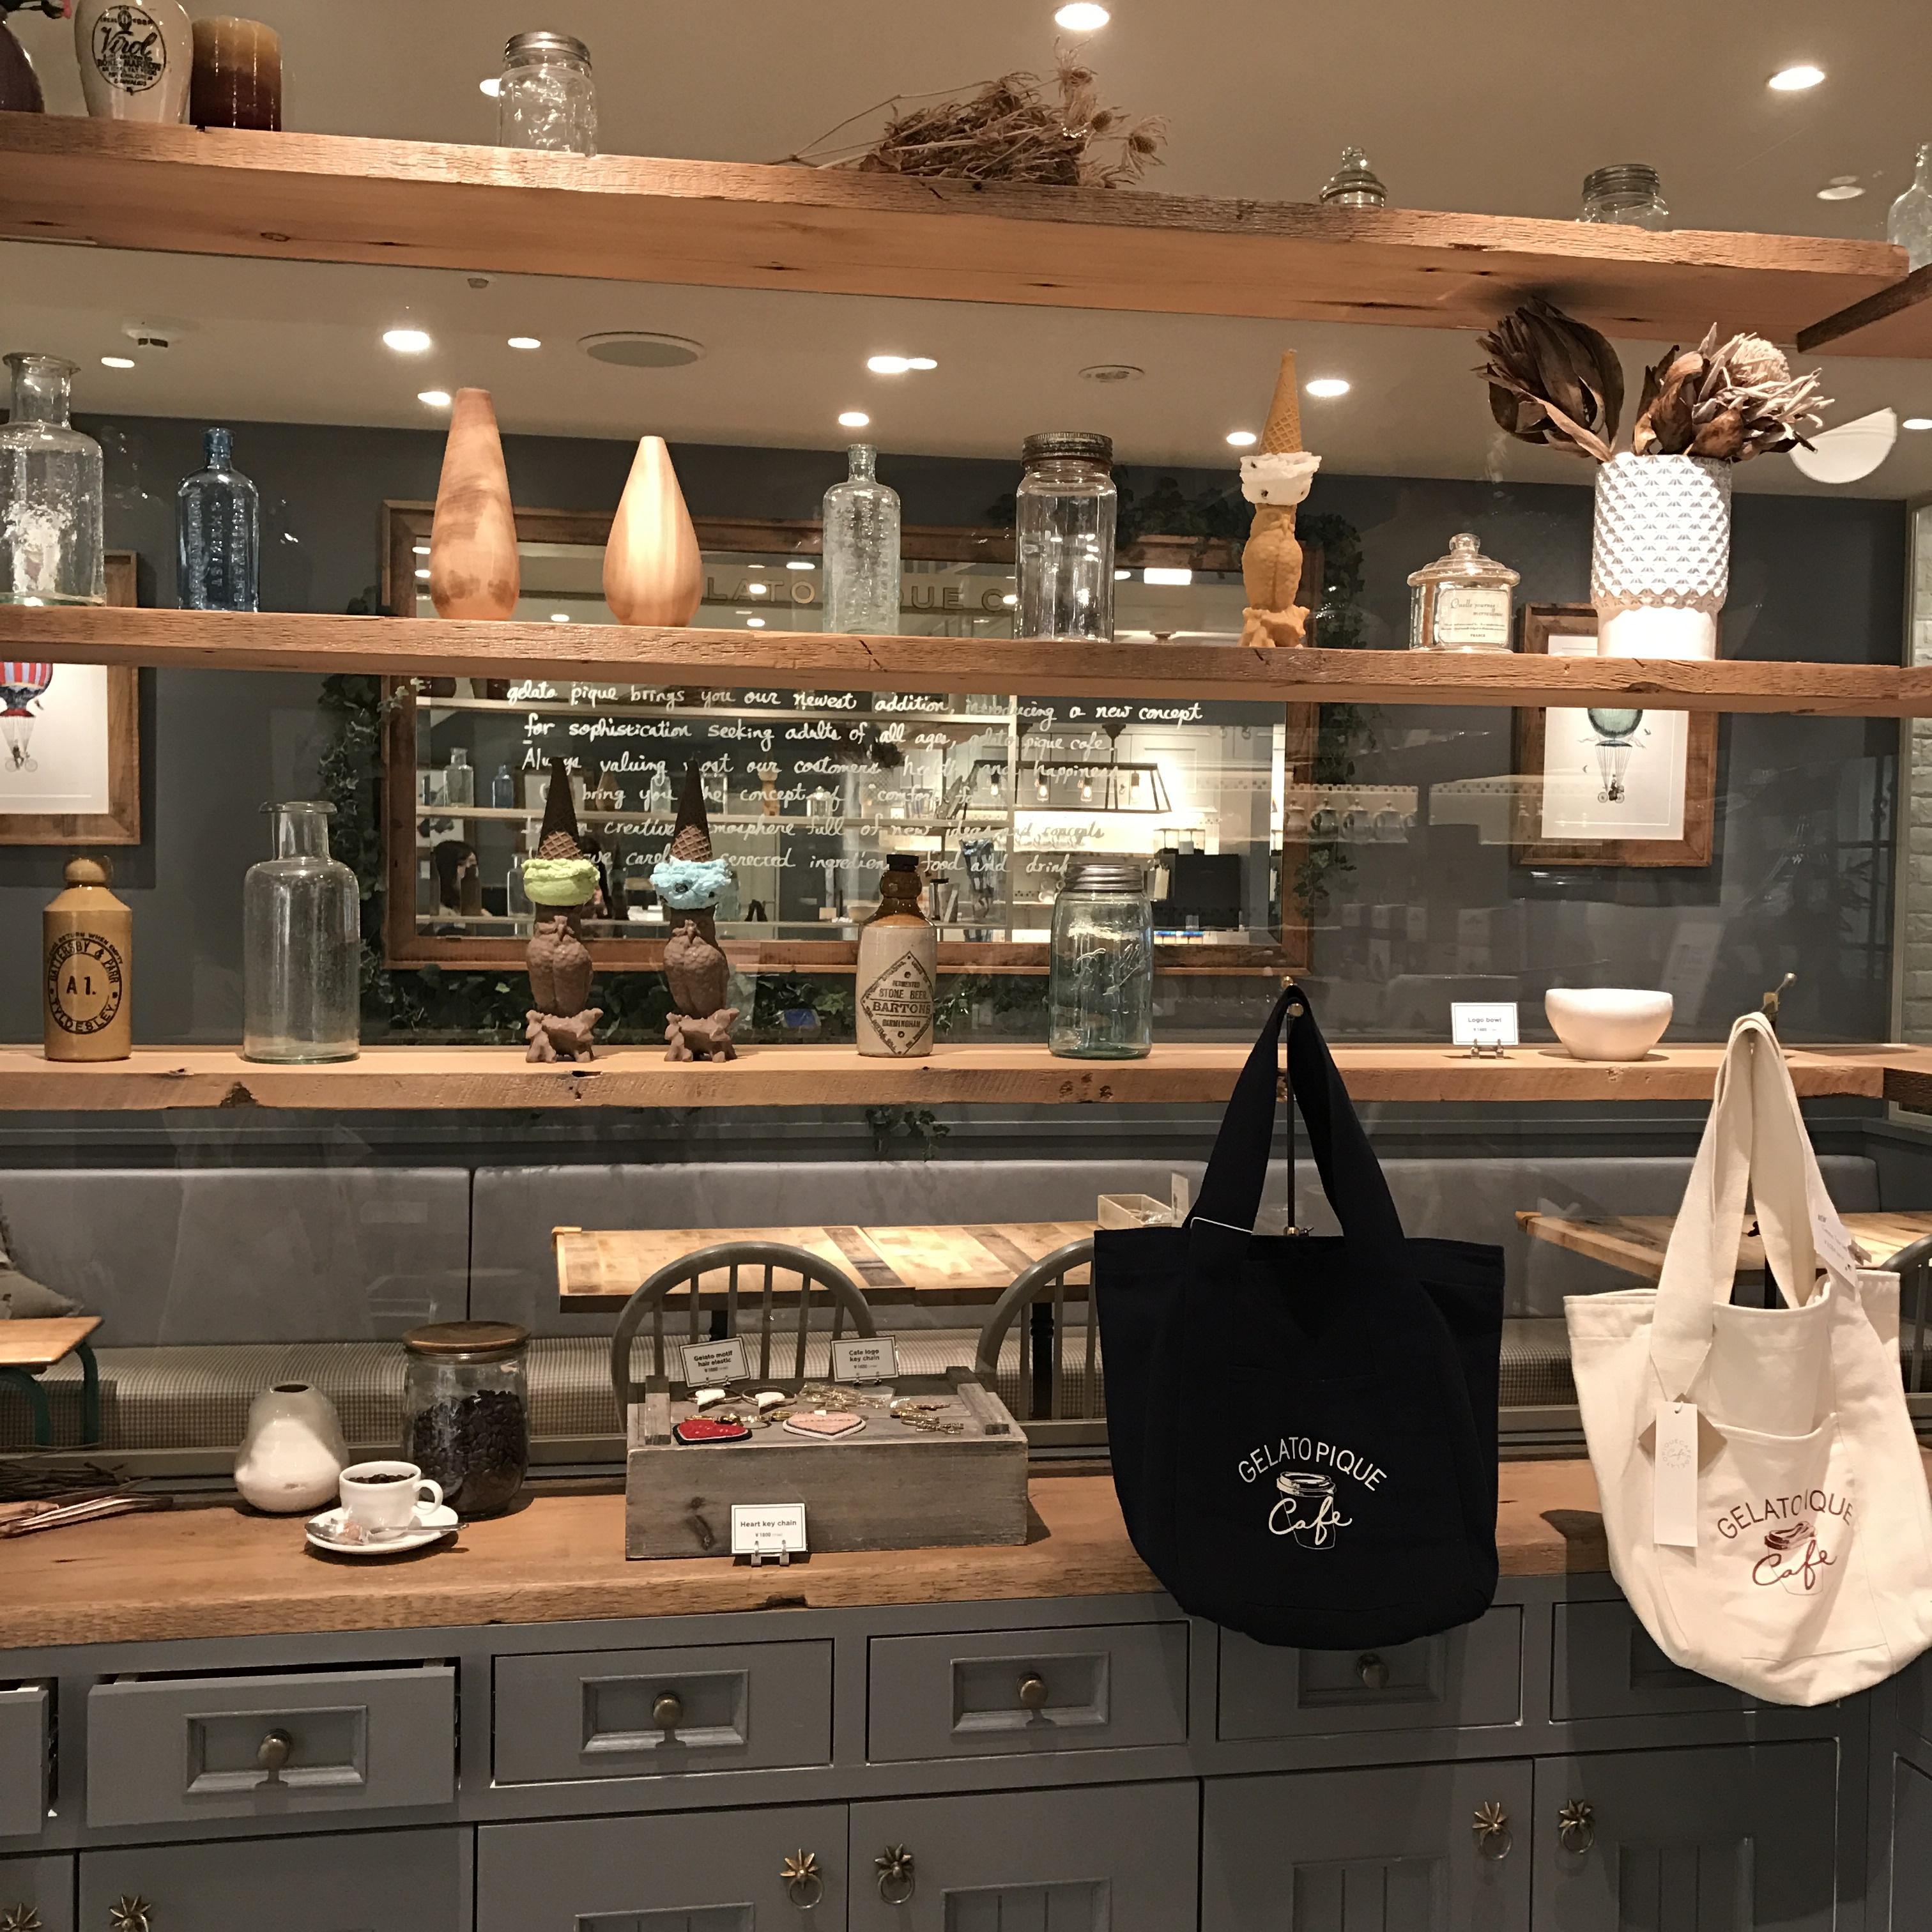 【オススメKYOTO CAFE】 とにかく可愛い♡♡ gelart pique cafe _1_2